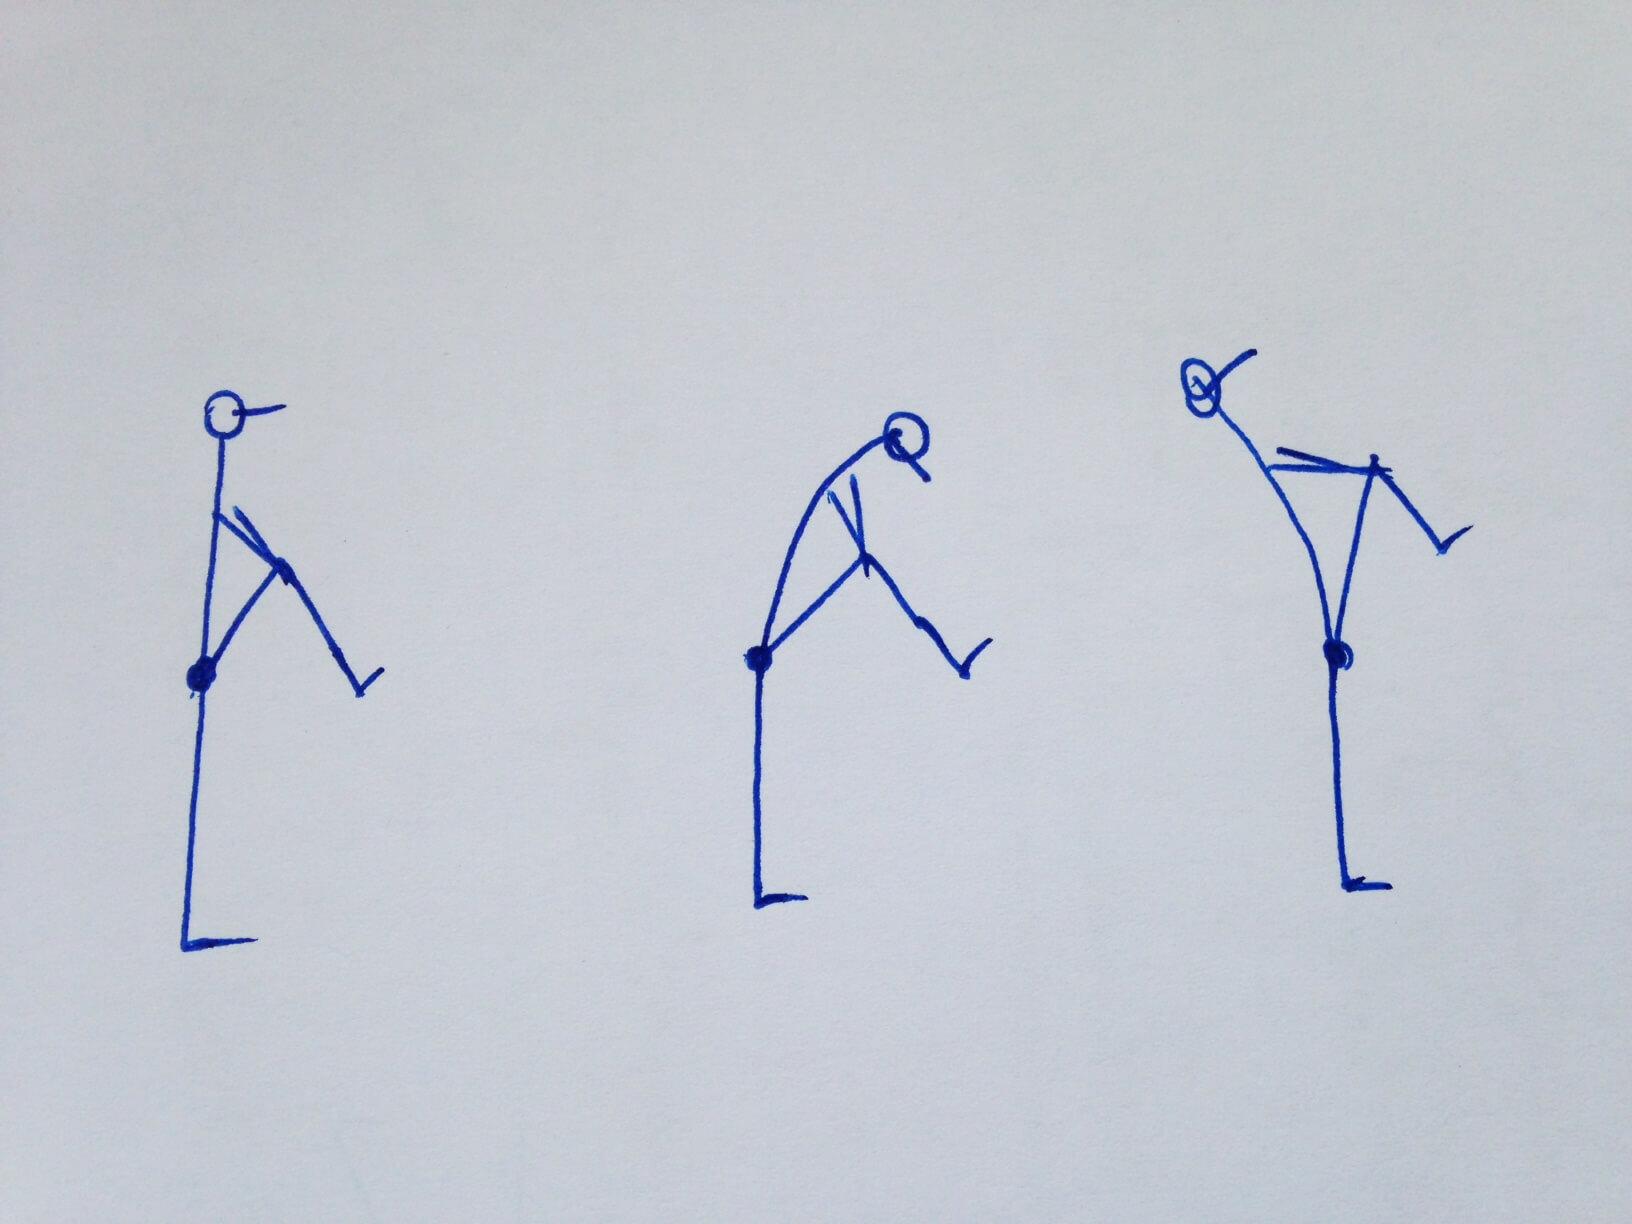 Im Stand langsam ein Knie zum Oberkörper ziehen und mit beiden Händen umarmen. Dadurch entsteht eine sanfte Dehnung des unteren Rückens (linke Grafik). Als Varianten kann eine Vorbeuge integriert werden, indem die Nase Richtung Knie senkt (mittlere Grafik) oder eine kleine Rückbeuge eingenommen werden, um die Körpervorderseite zu dehnen (rechte Grafik).